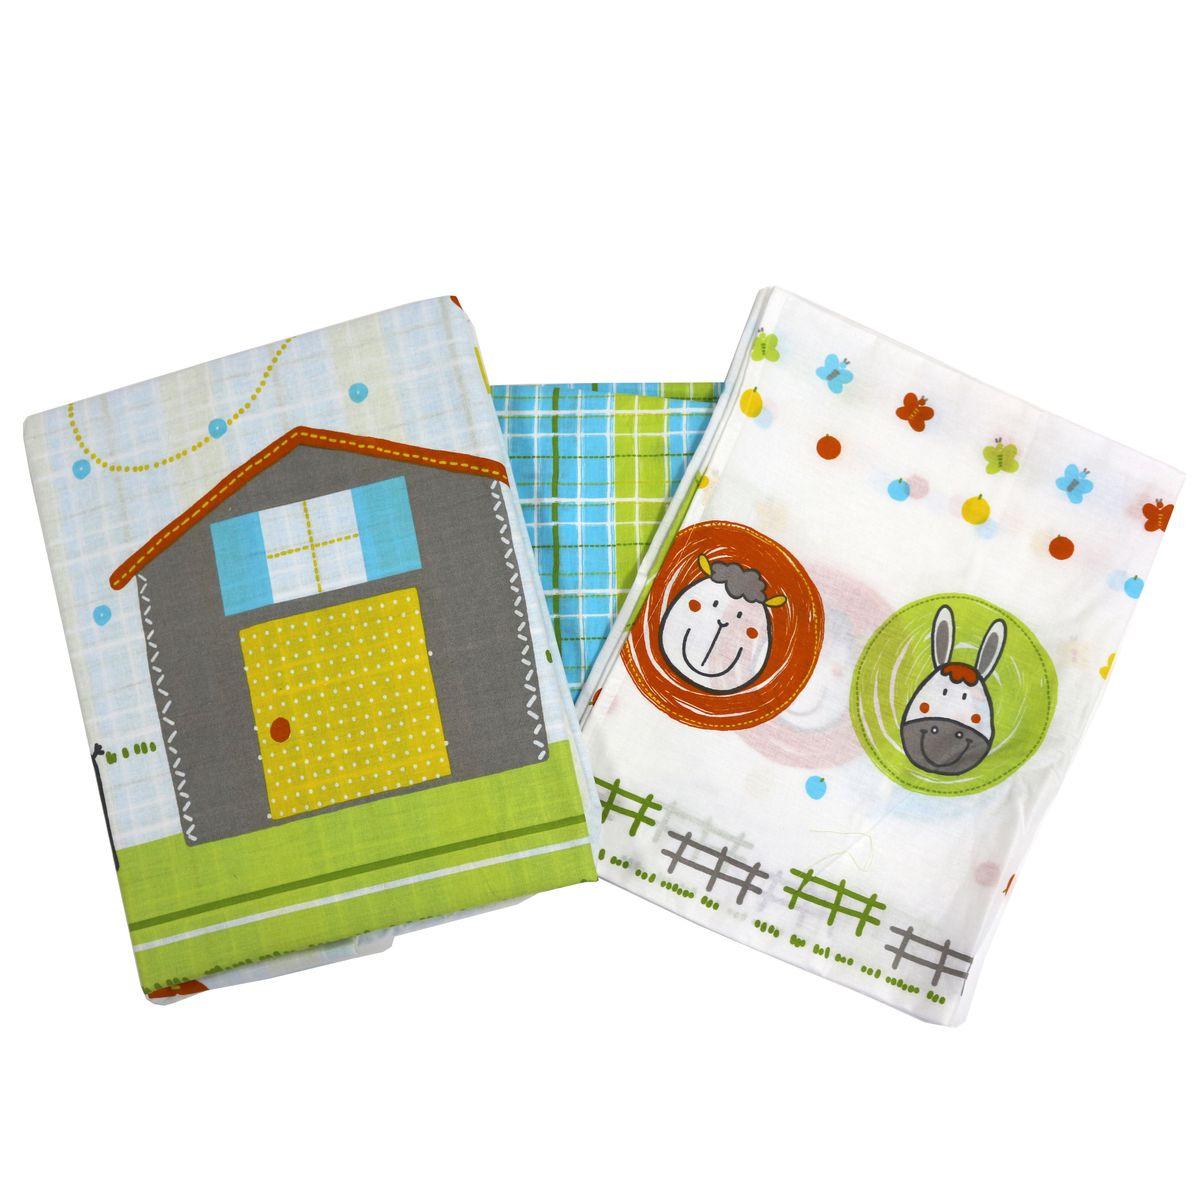 Топотушки Комплект детского постельного белья Ферма цвет зеленый белый 3 предмета150р-50ХККомплект с оригинальным рисунком порадует изображенными персонажами малыша. Сменный комплект постельного белья из 3 предметов для детской кроватки.Комплект создает для Вашего ребенка уют, комфорт и безопасную среду с рождения; современный дизайн и цветовые сочетания помогают ребенку адаптироваться в новом для него мире. Комплекты «Топотушки» хорошо вписываются в интерьер, как детской комнаты, так и в спальни родителей.Как и все изделия «Топотушки» данный комплект отражает самые последние технологии, является безопасным для малыша и экологичным. Российское происхождение комплекта гарантирует стабильно высокое качество, соответствие актуальным пожеланиям потребителей, конкурентоспособную цену.Наволочка 40х60см, пододеяльник 147х112см, простынь на резинке 120х60см